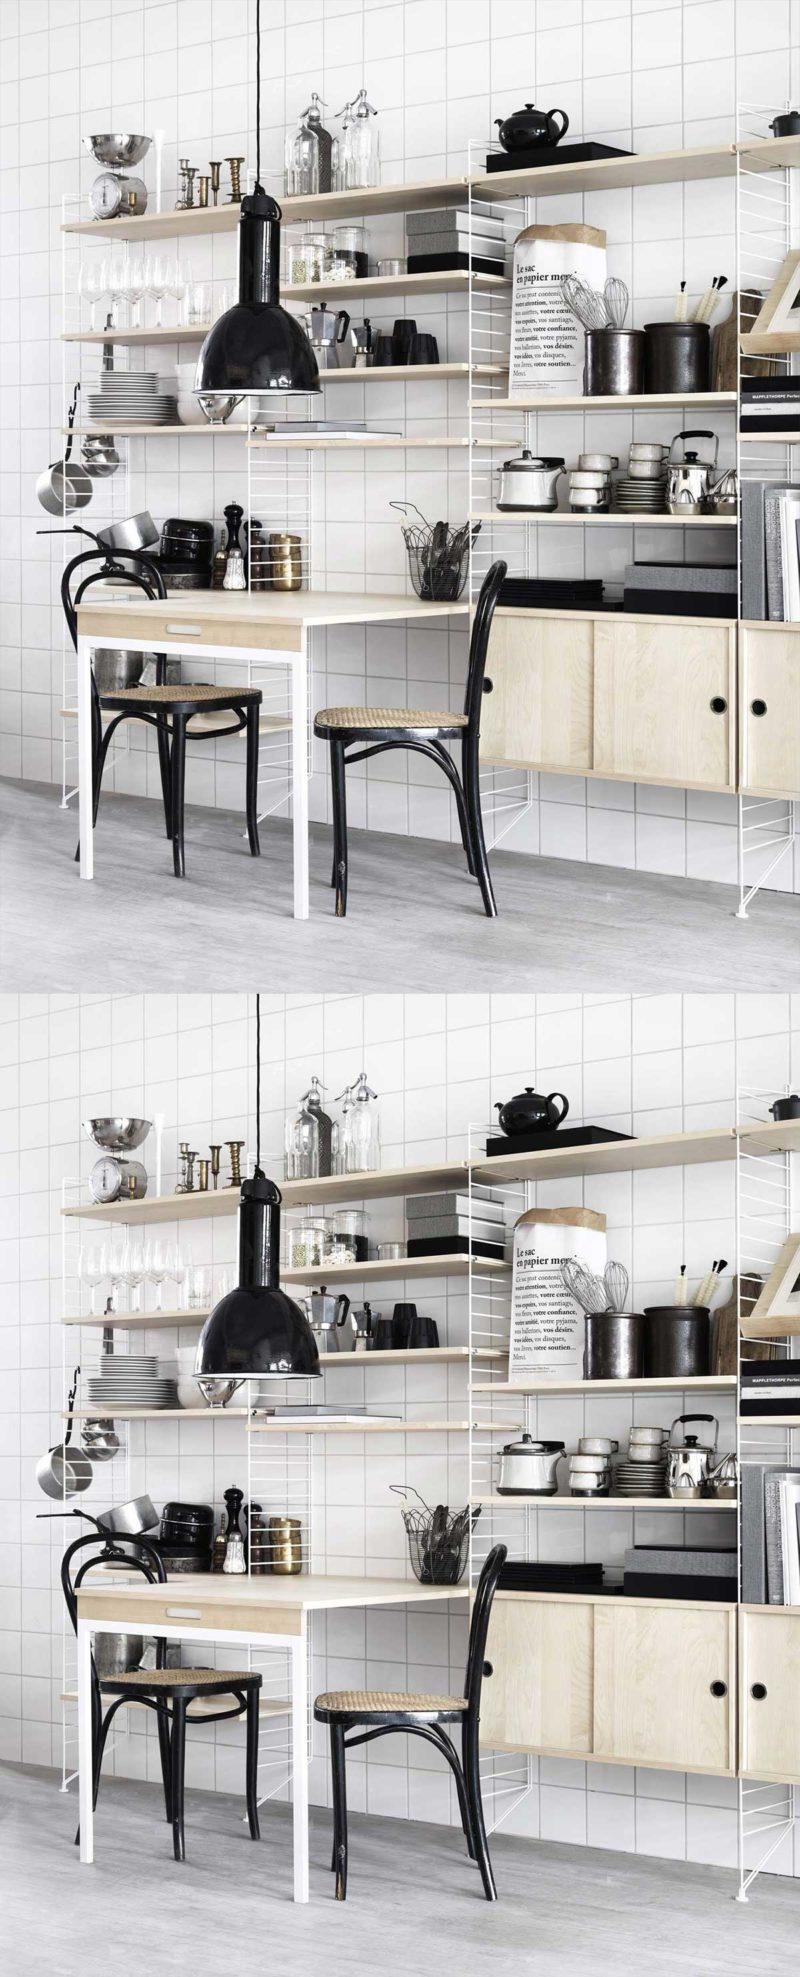 Table escamotable pour gagner de la place dans la cuisine